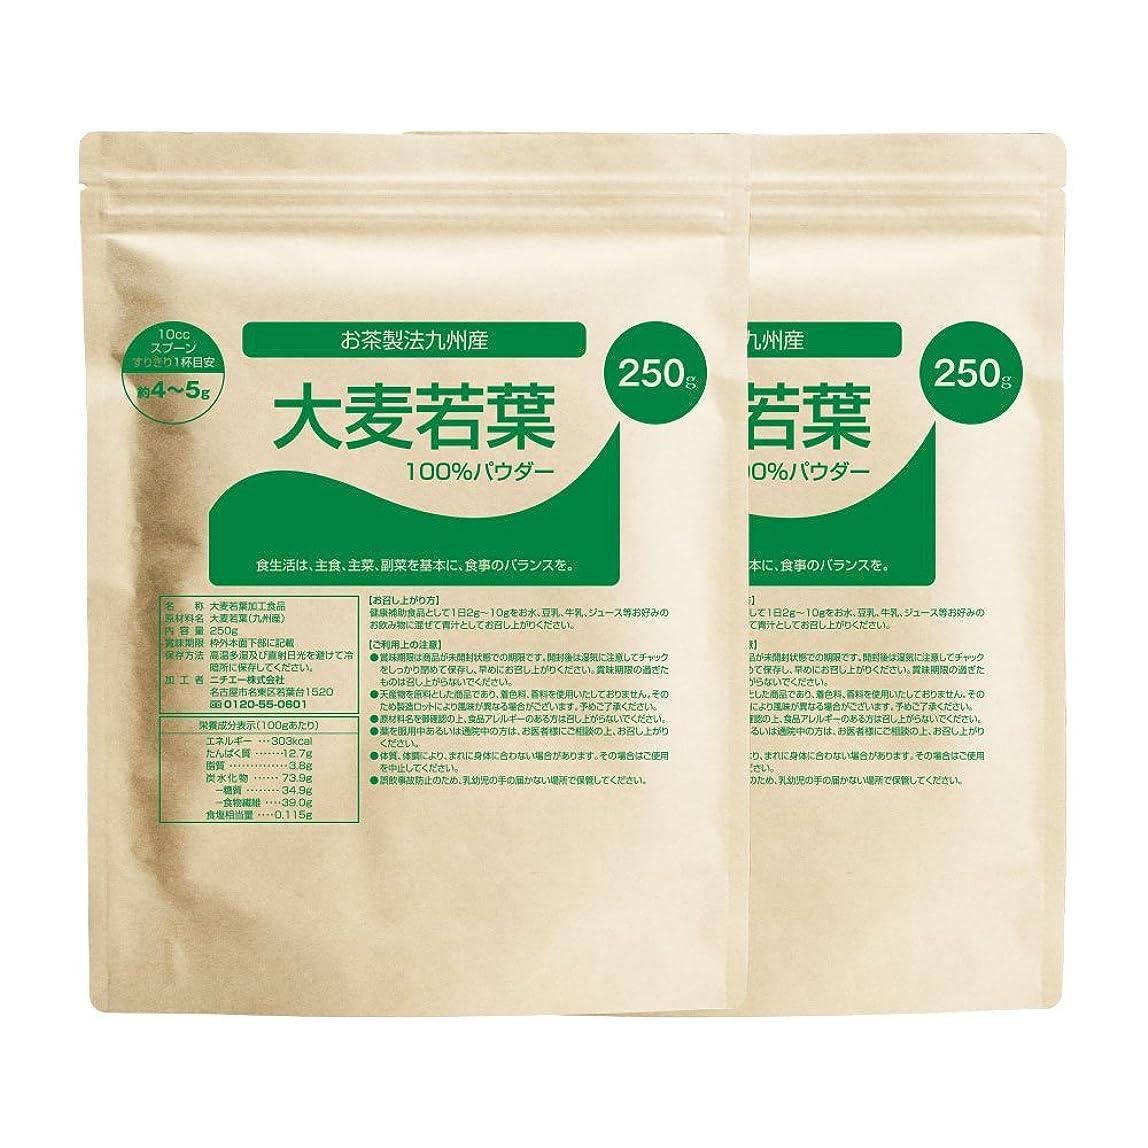 統計的限られた呼び出すnichie 大麦若葉 青汁 100% 九州産 お茶製法 500g(250g×2袋)